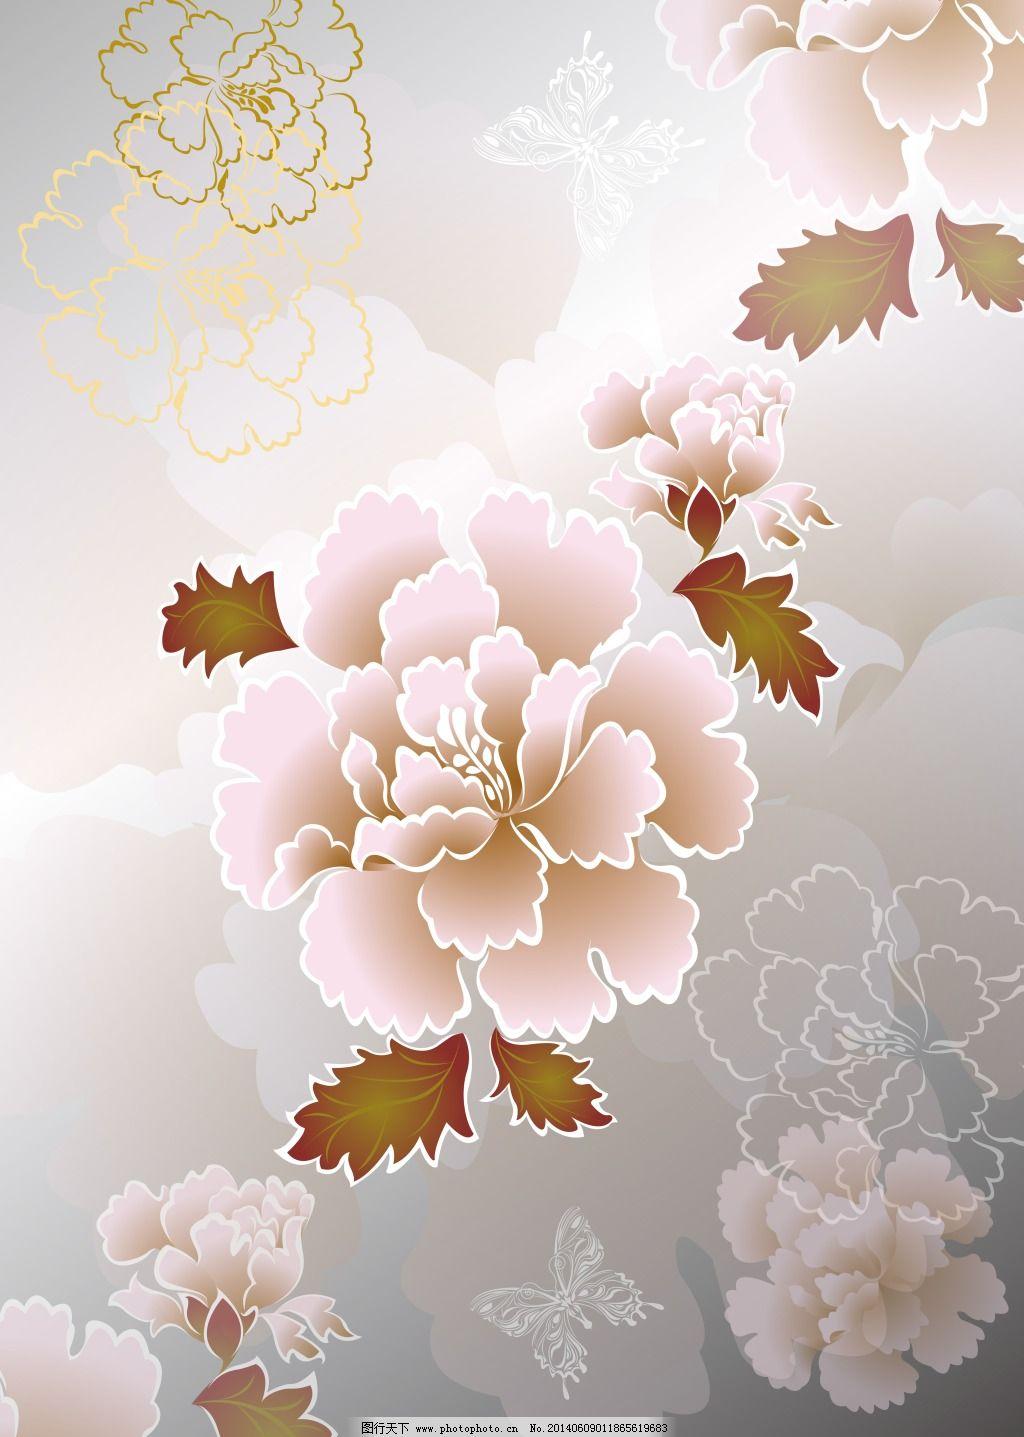 牡丹花免费下载 背景 壁画 花纹 牡丹花 墙画 时尚元素 装饰画 花纹 背景 牡丹花 时尚元素 装饰画 墙画 壁画 家居装饰素材 壁纸|墙画壁纸